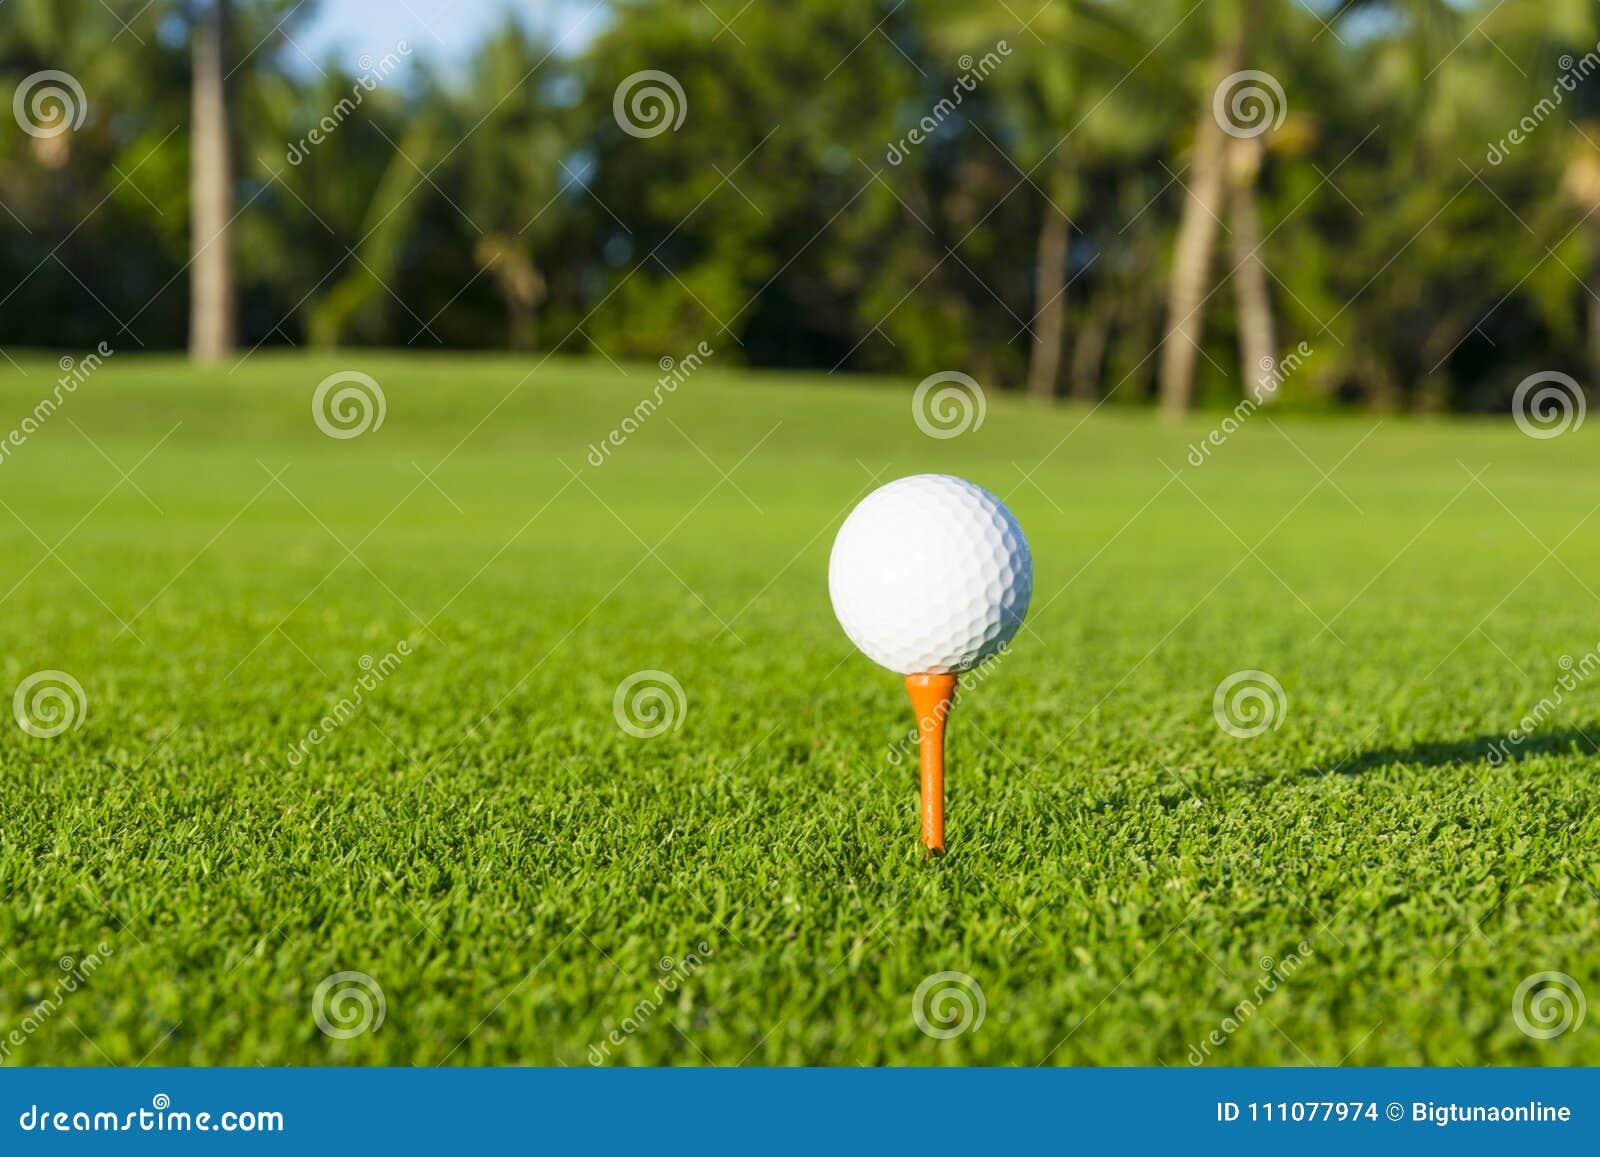 Golfboll på utslagsplats på golfbana över ett suddigt grönt fält